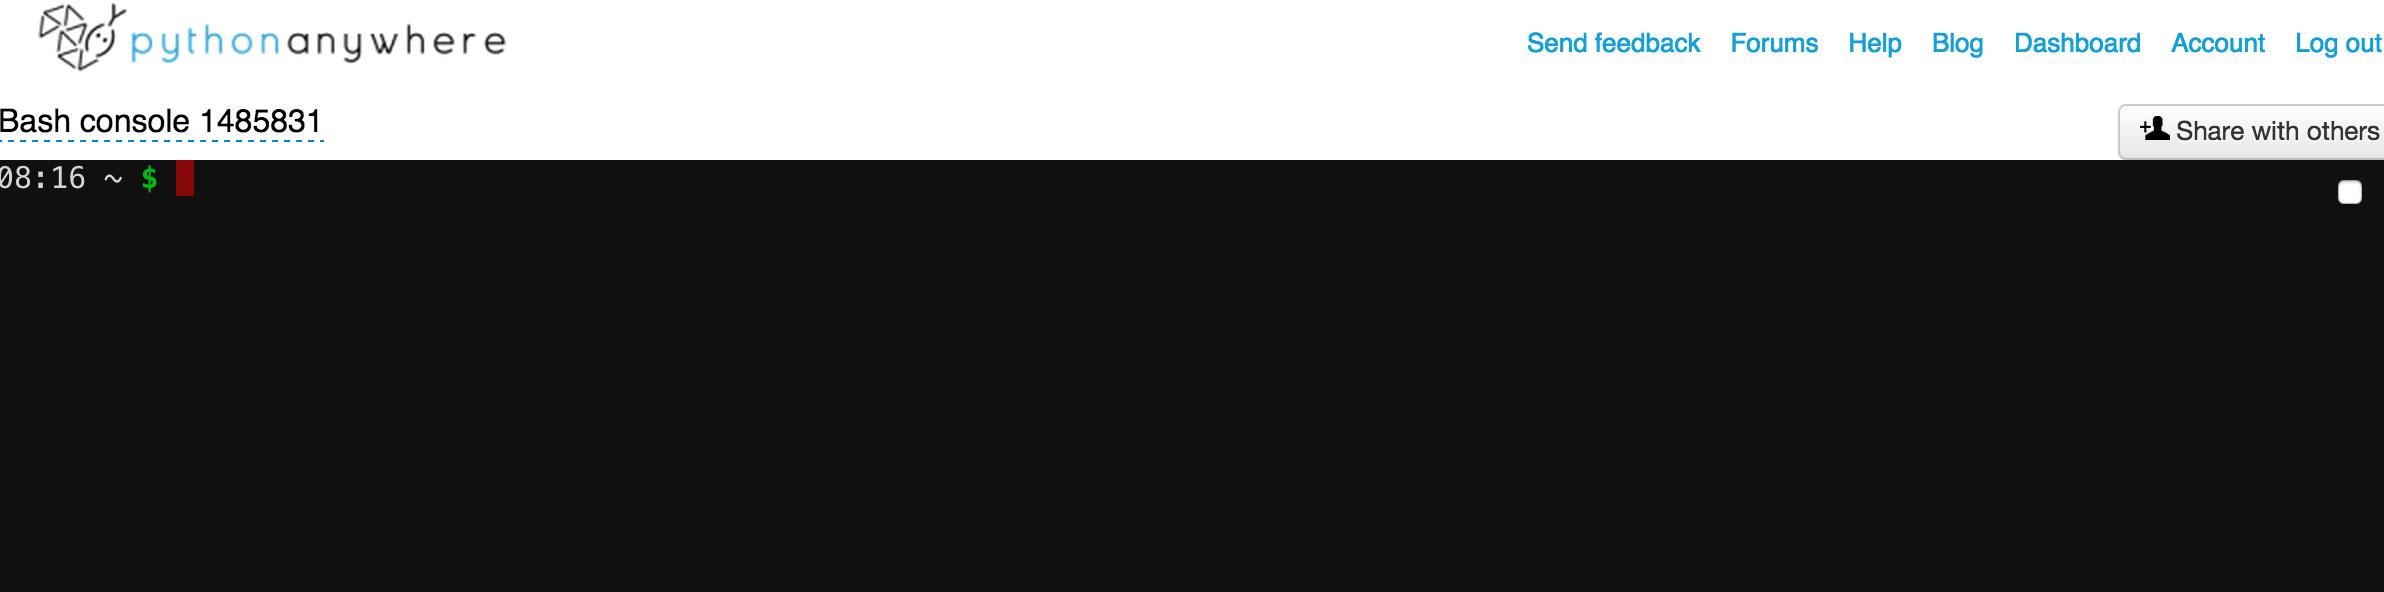 スクリーンショット 2015-06-28 17.16.36.png